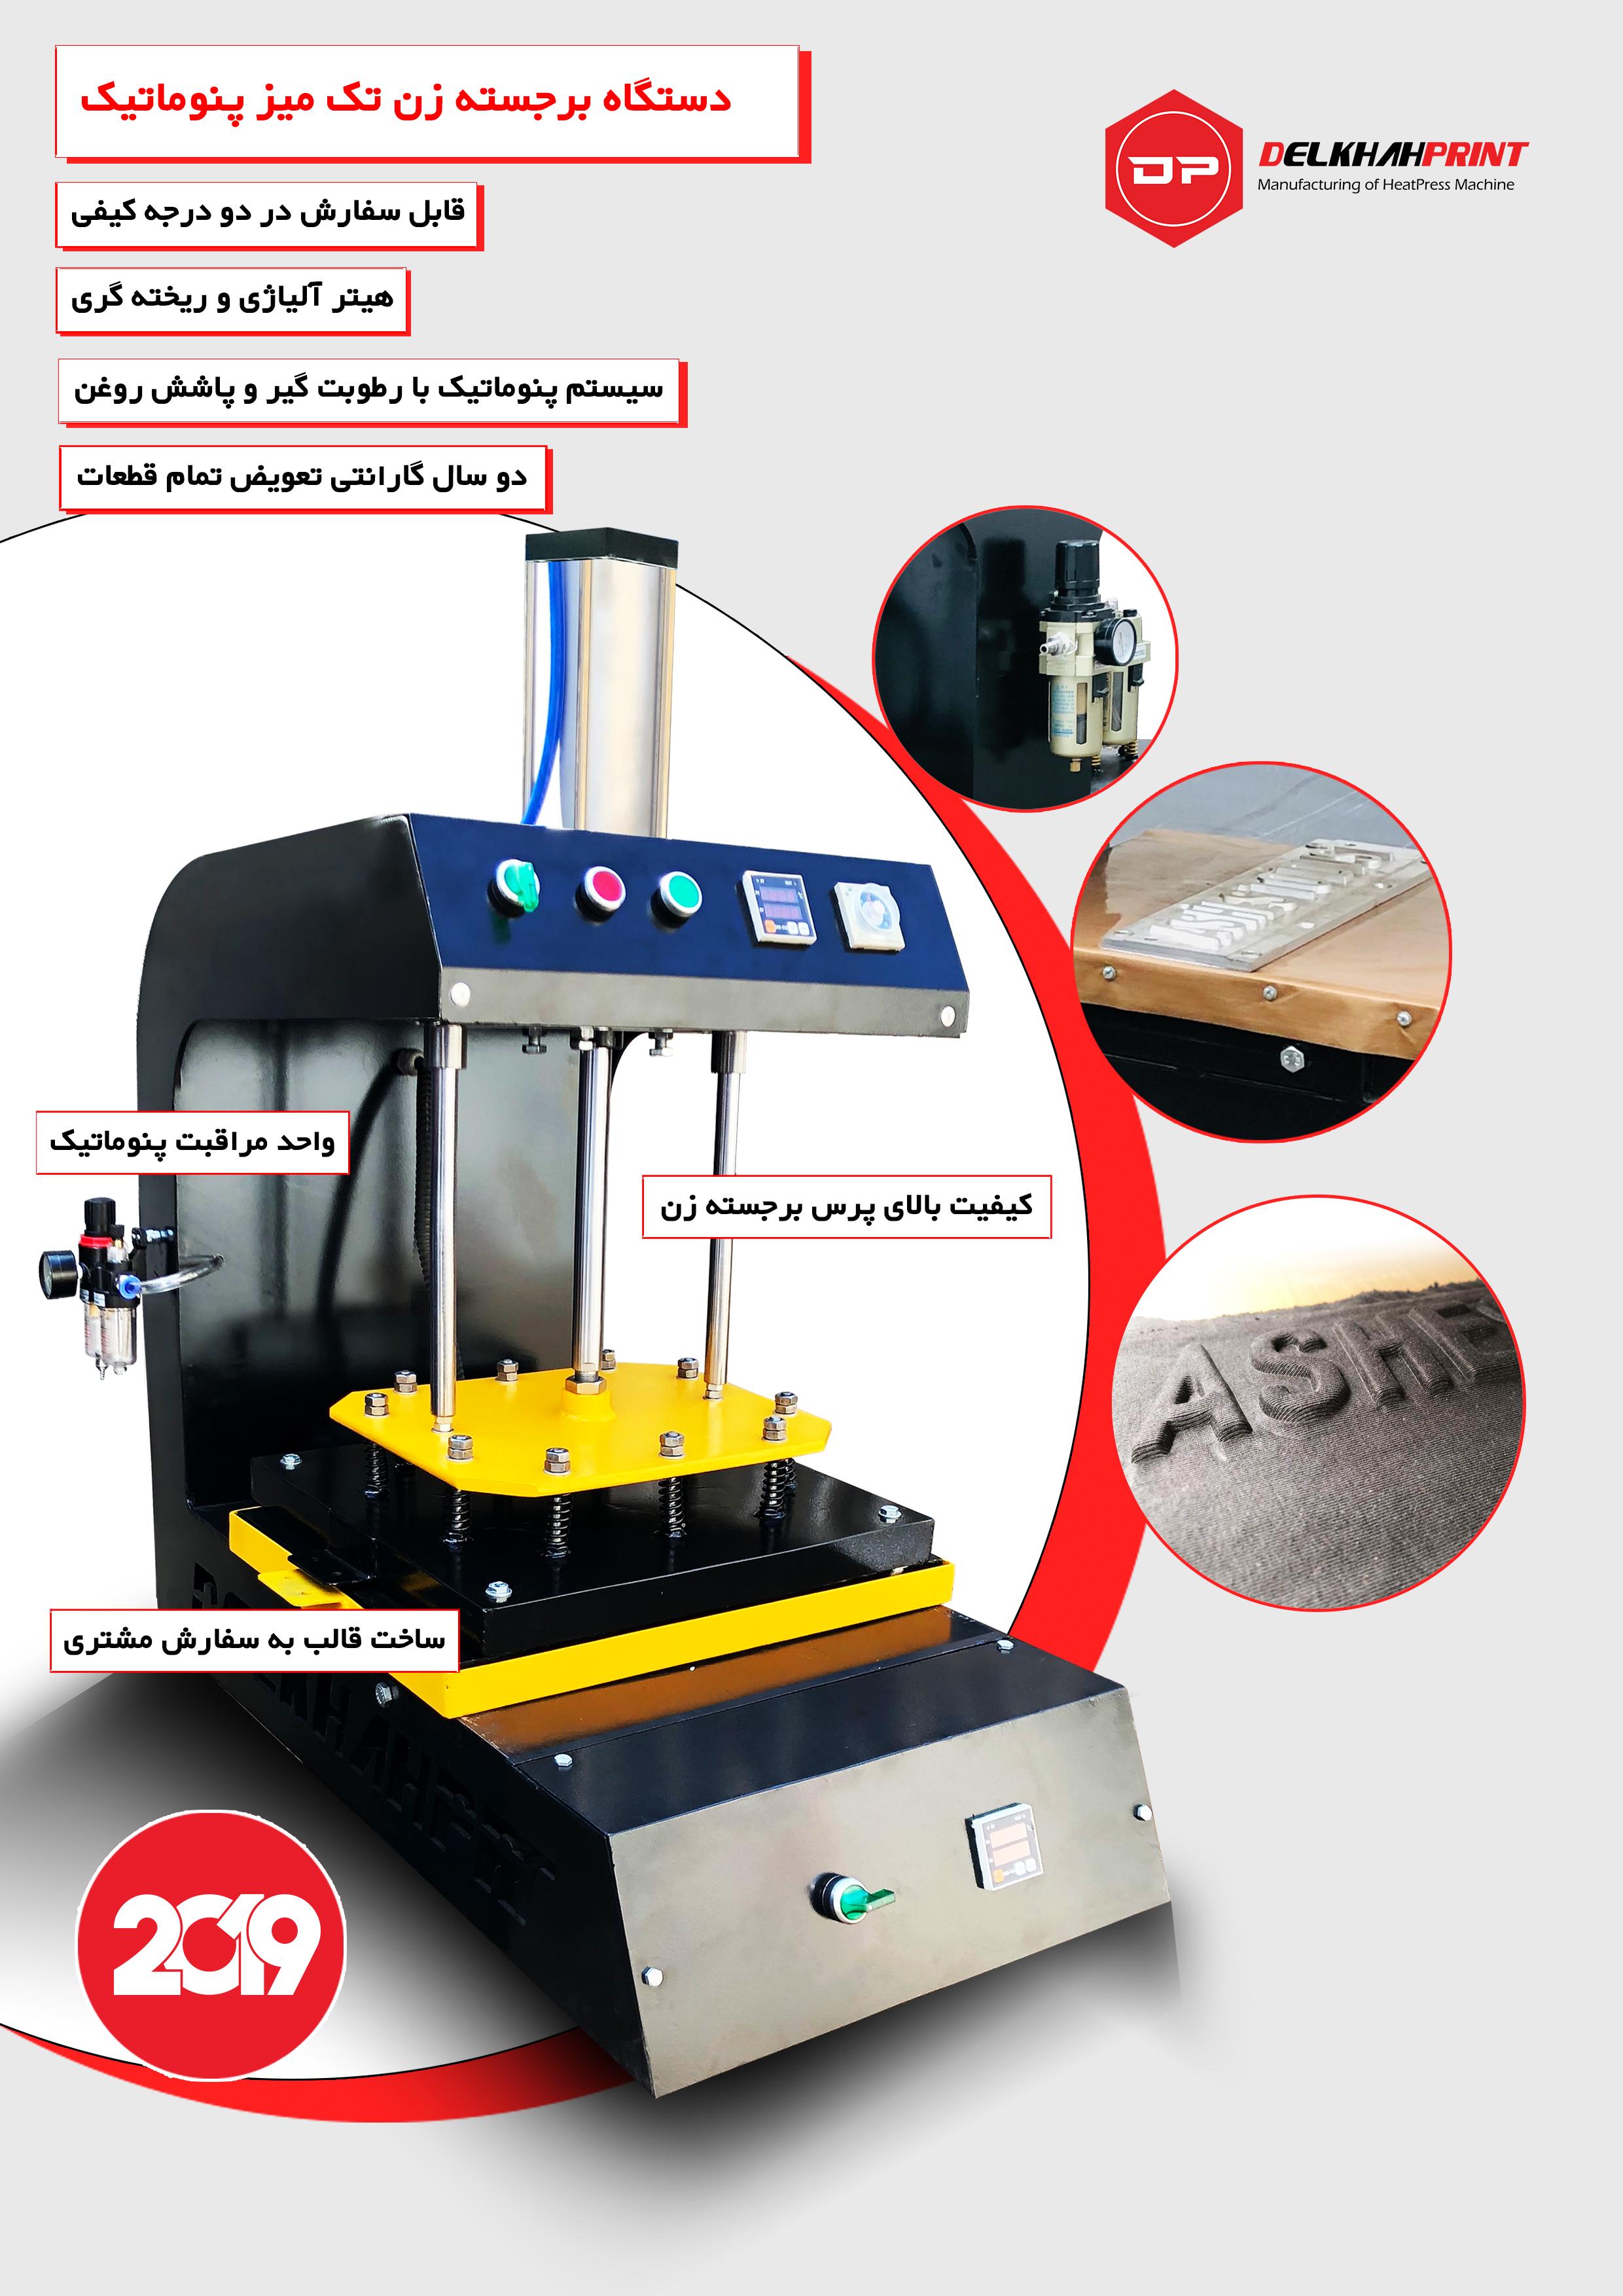 دستگاه چاپ داغی برجسته روی تیشرت